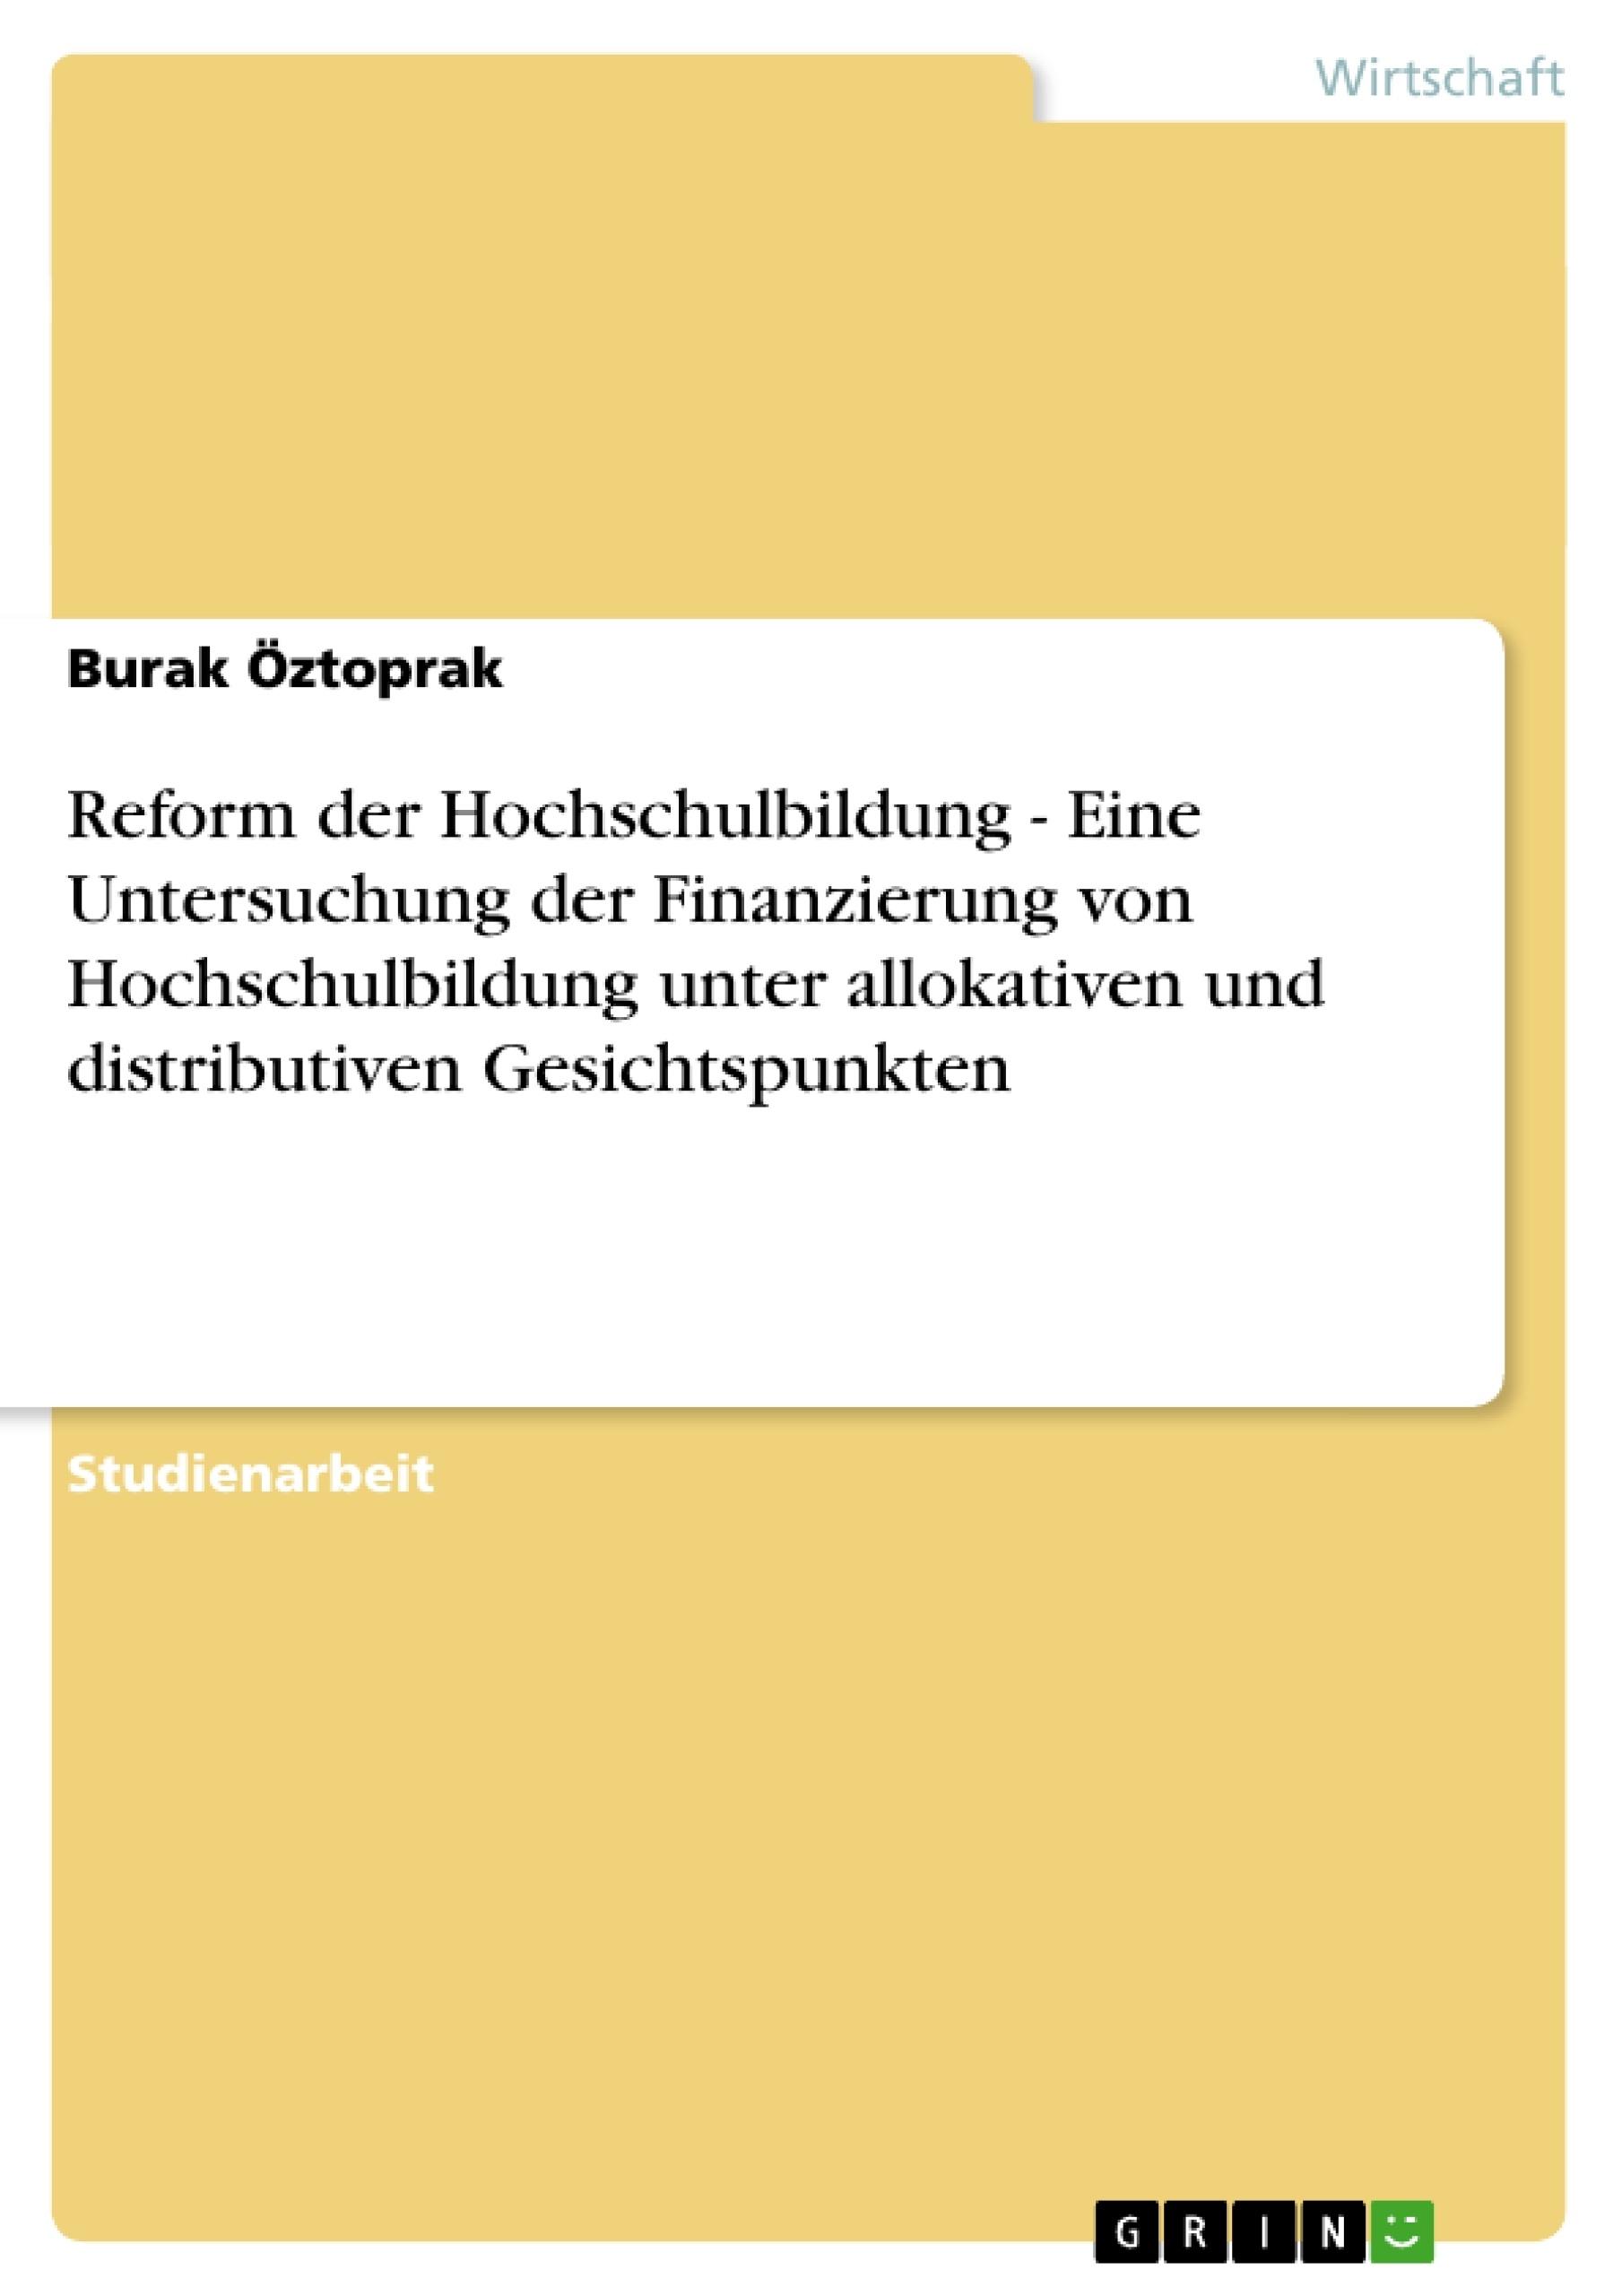 Titel: Reform der Hochschulbildung  -   Eine Untersuchung der Finanzierung von Hochschulbildung unter allokativen und distributiven Gesichtspunkten